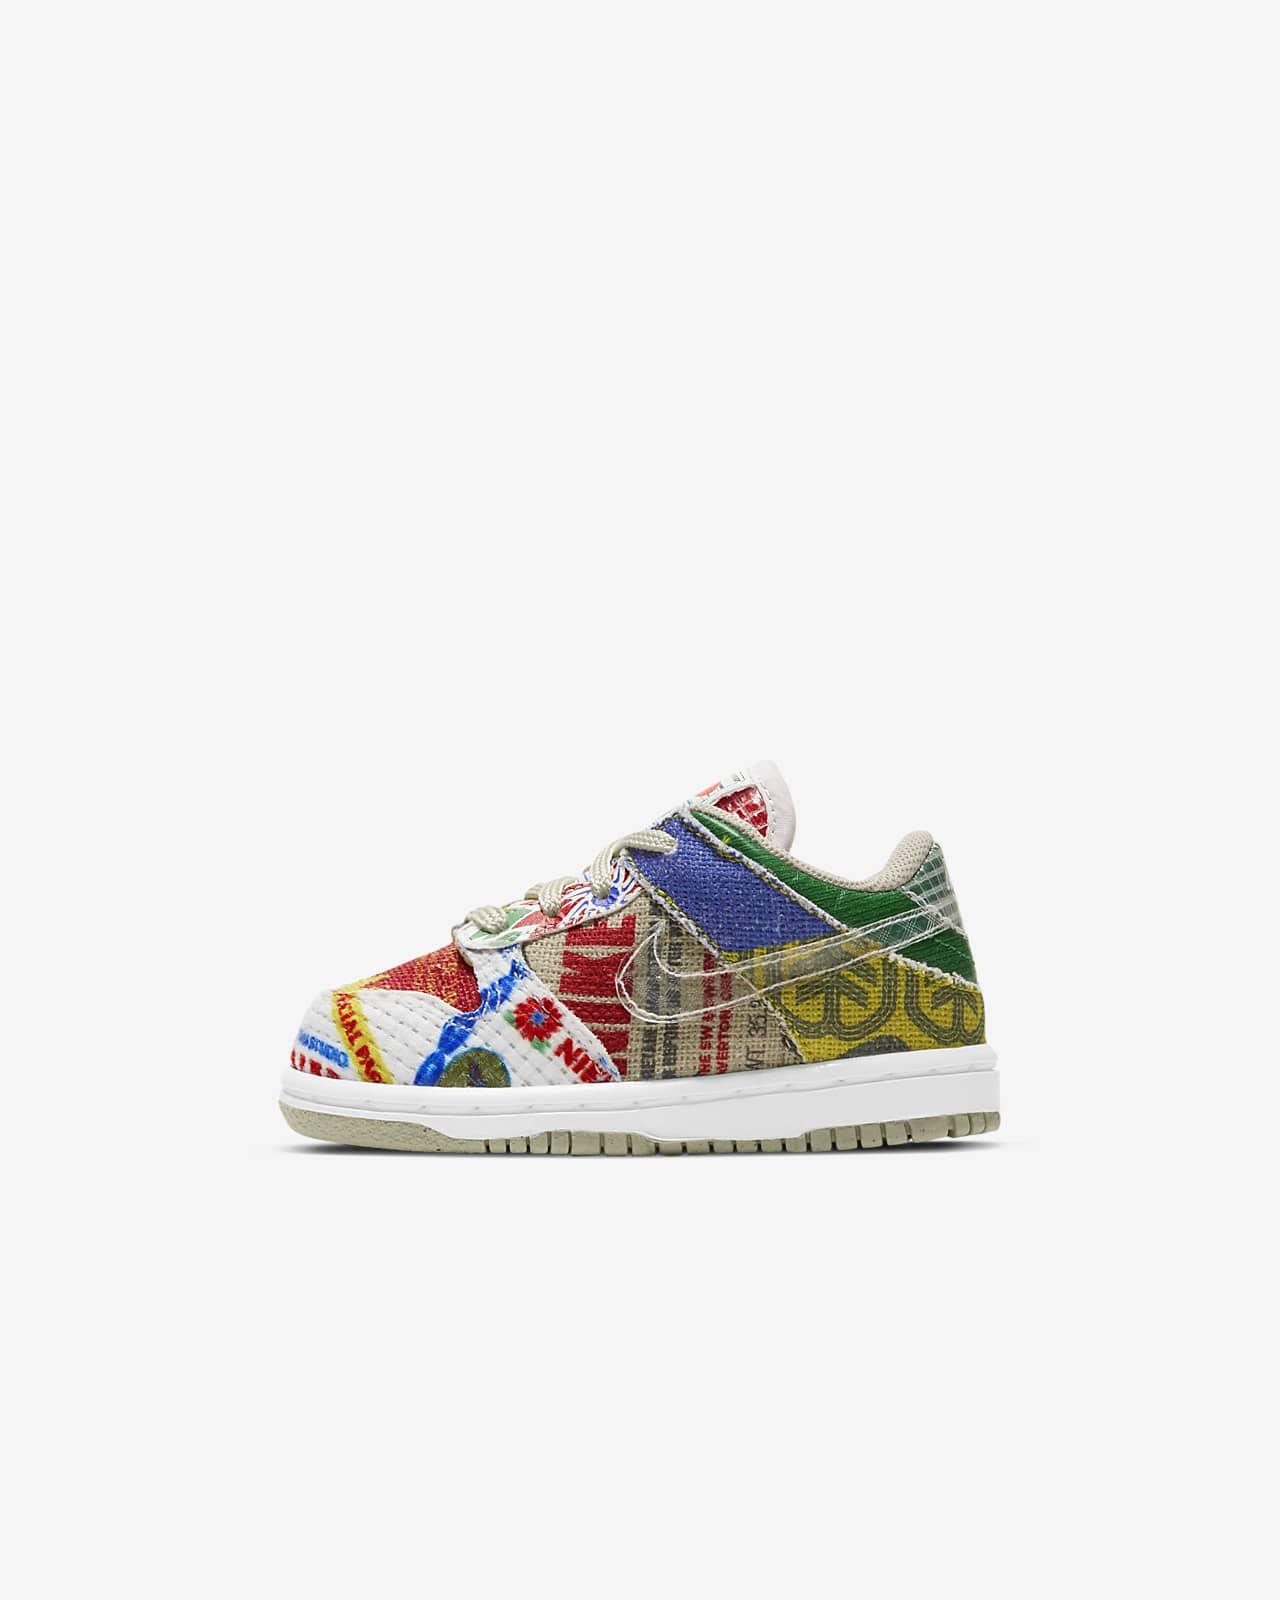 Nike Dunk Low SP Baby & Toddler Shoe